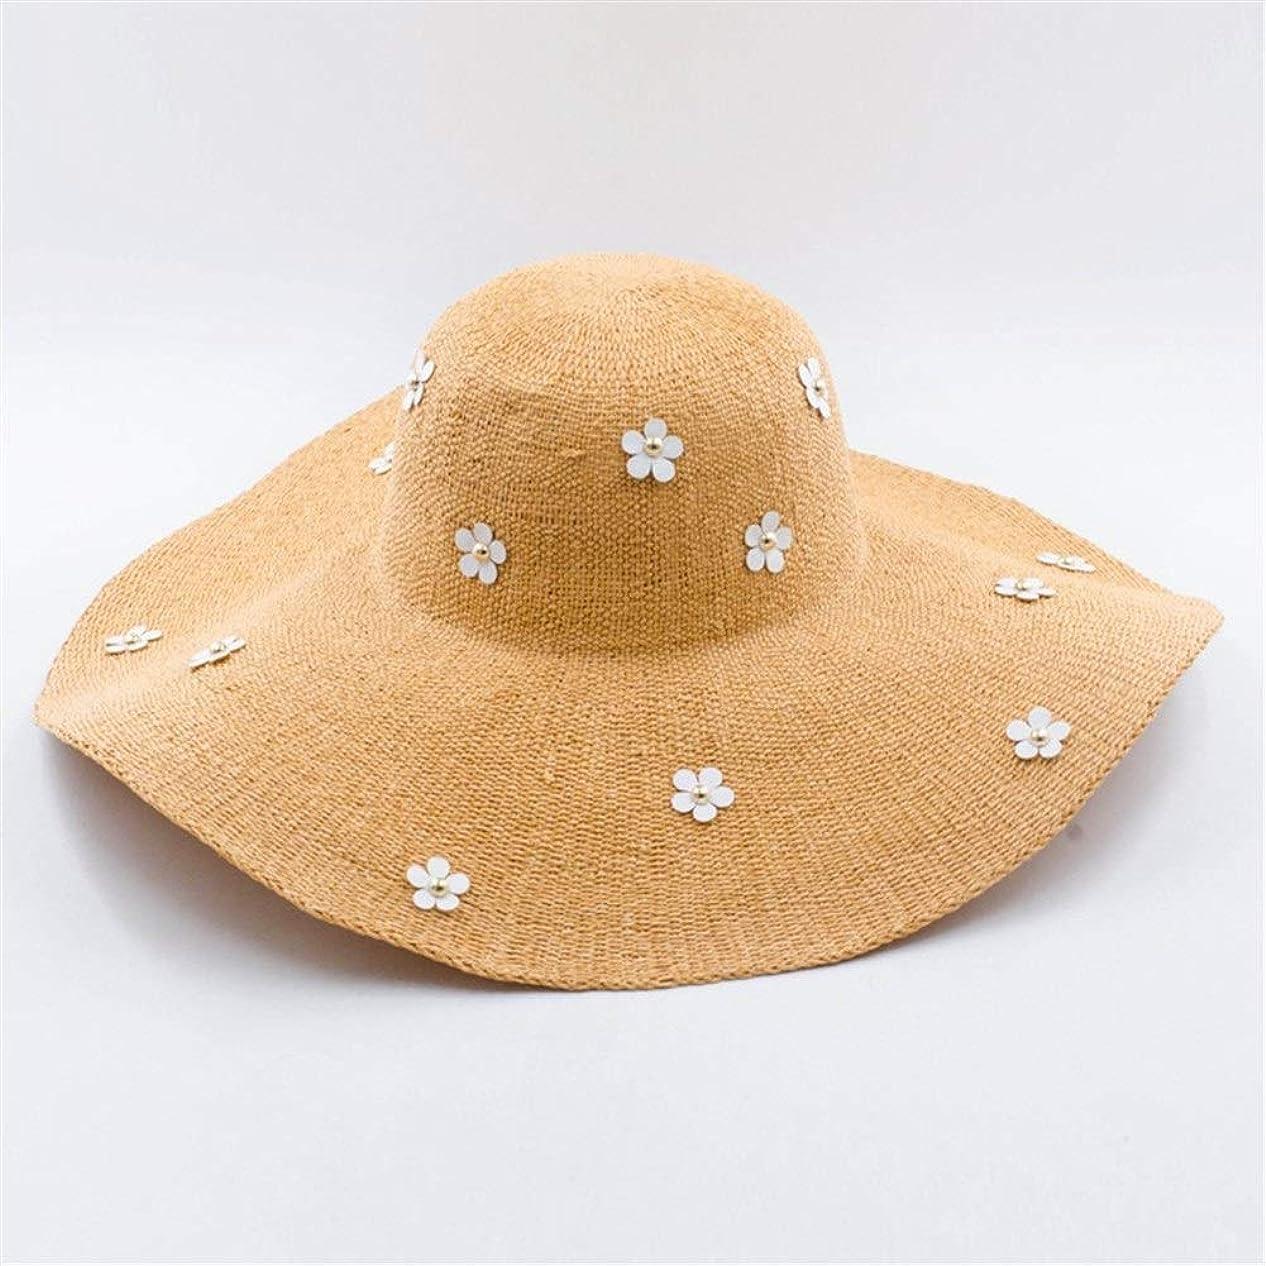 チョップ頂点入学する麦わら帽子ビーチ日焼け止め大きな麦わら帽子屋外旅行麦わら帽子に沿って小さな花